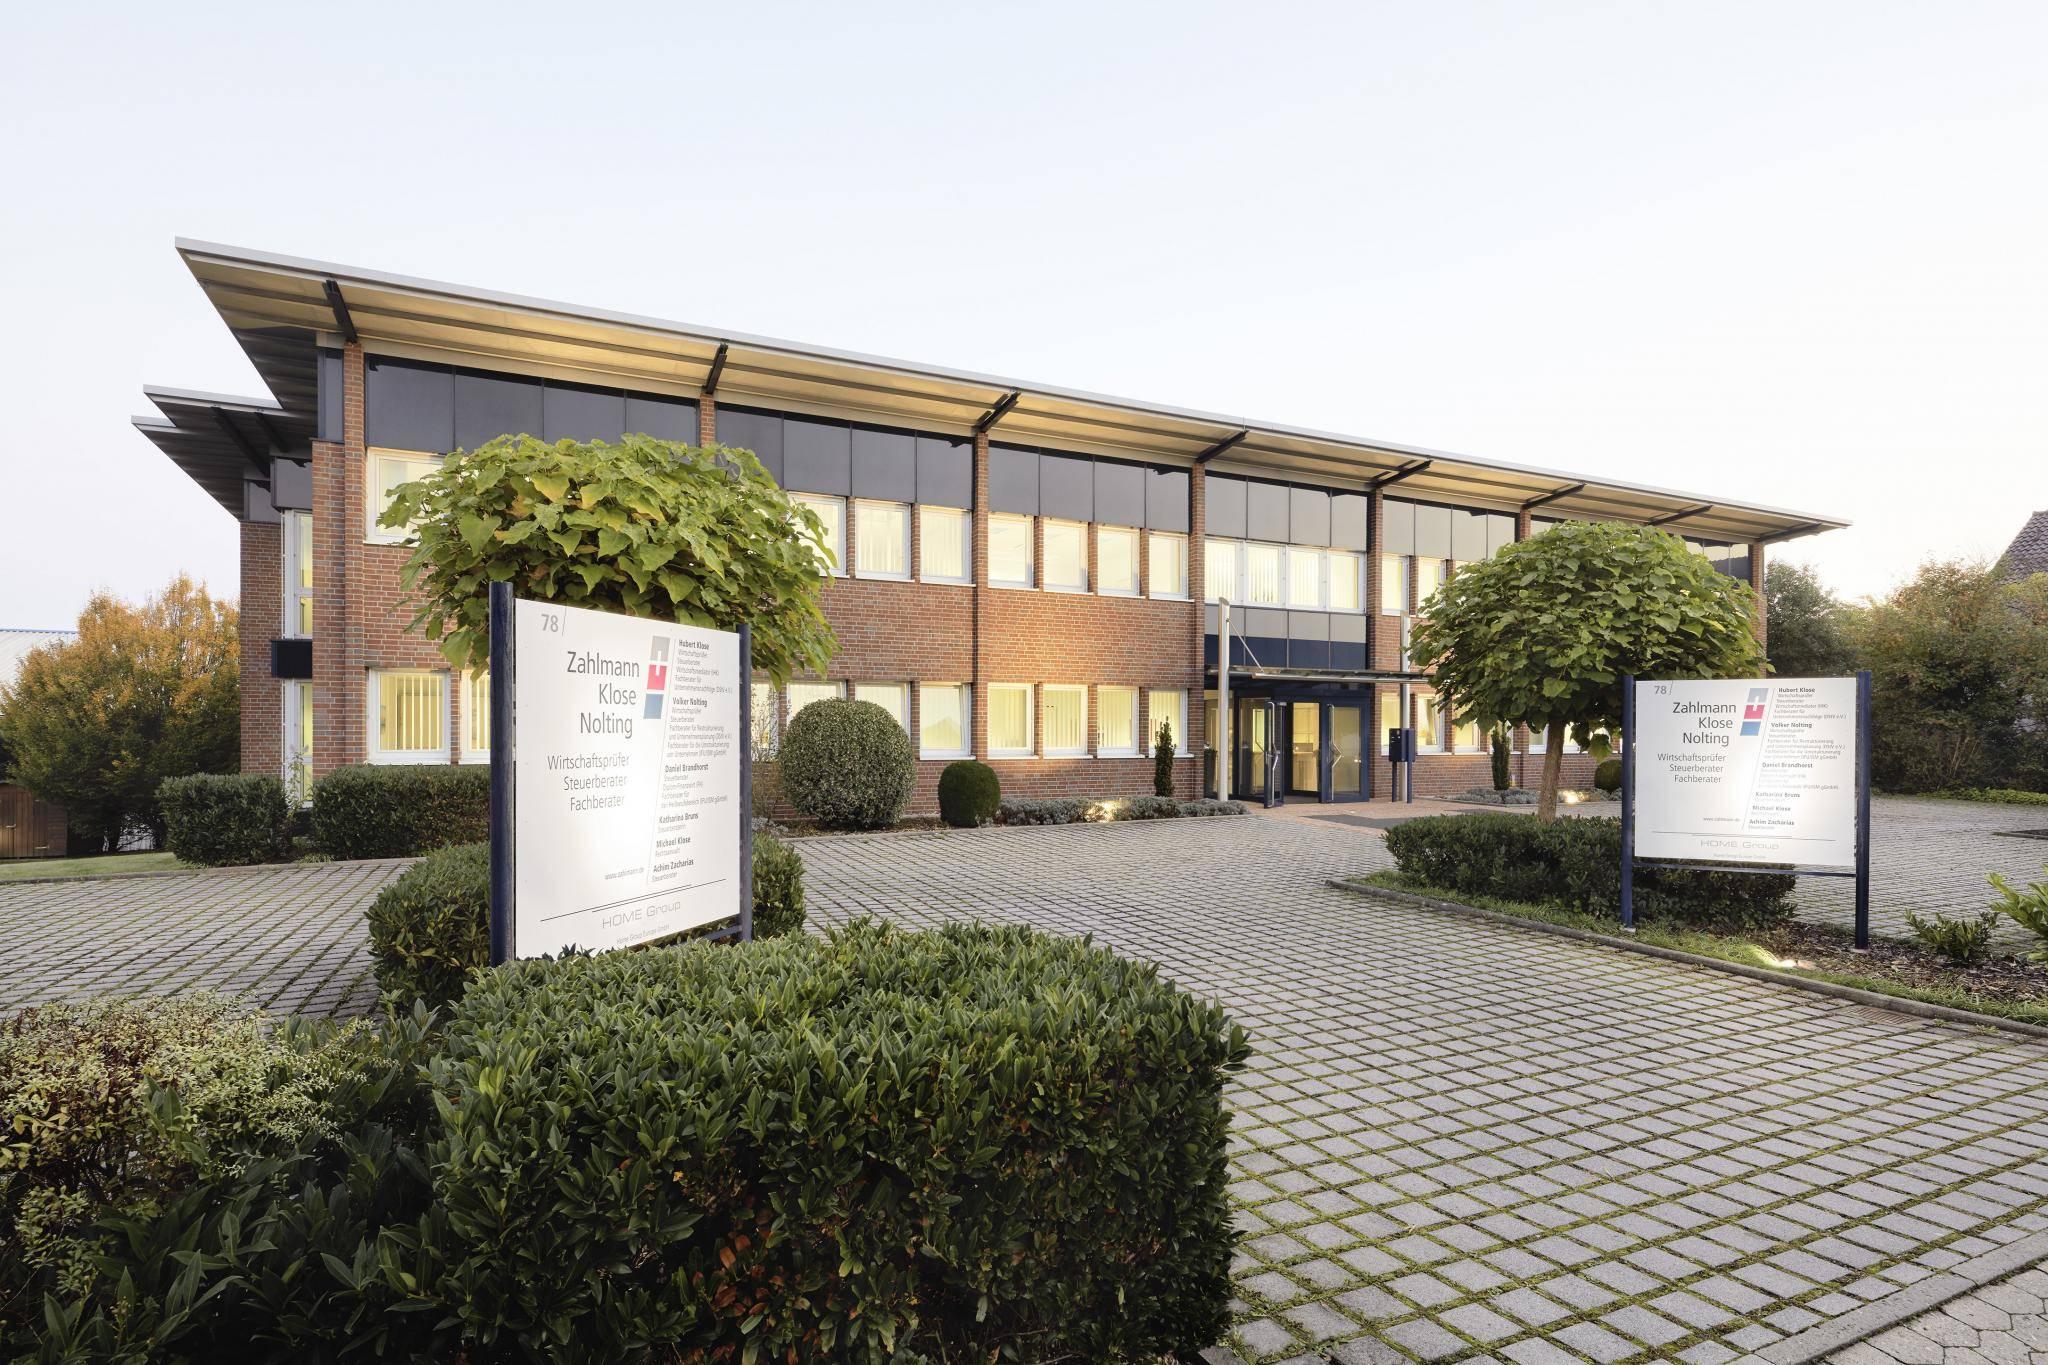 Firmengebäude Zahlmann Klose Nolting